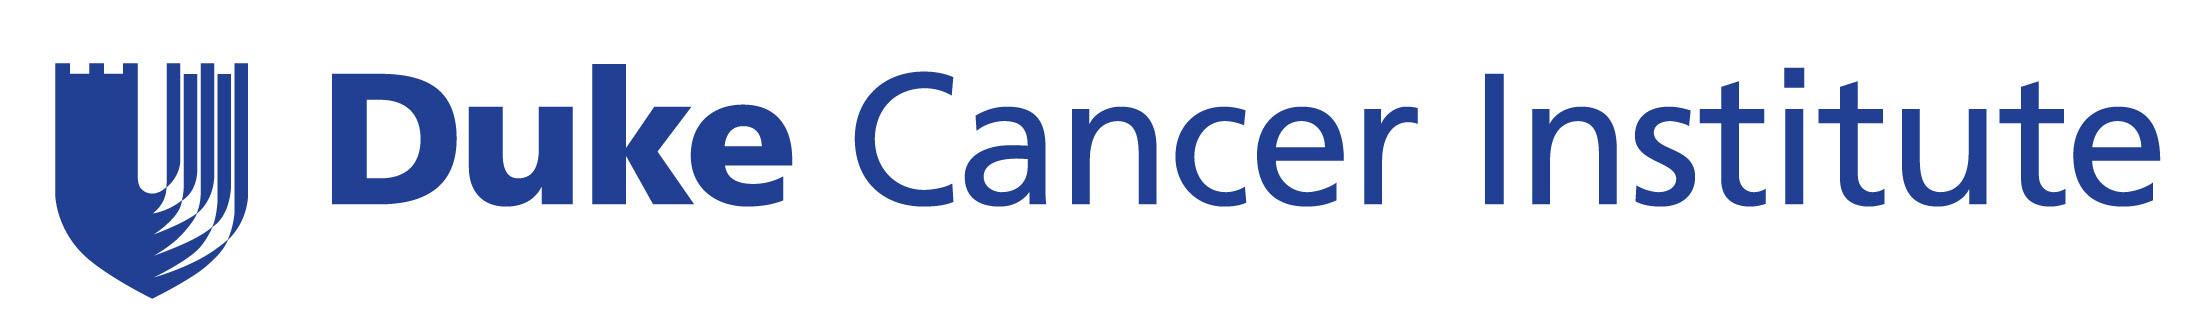 Sarcoma 2019 - Duke Cancer Institute